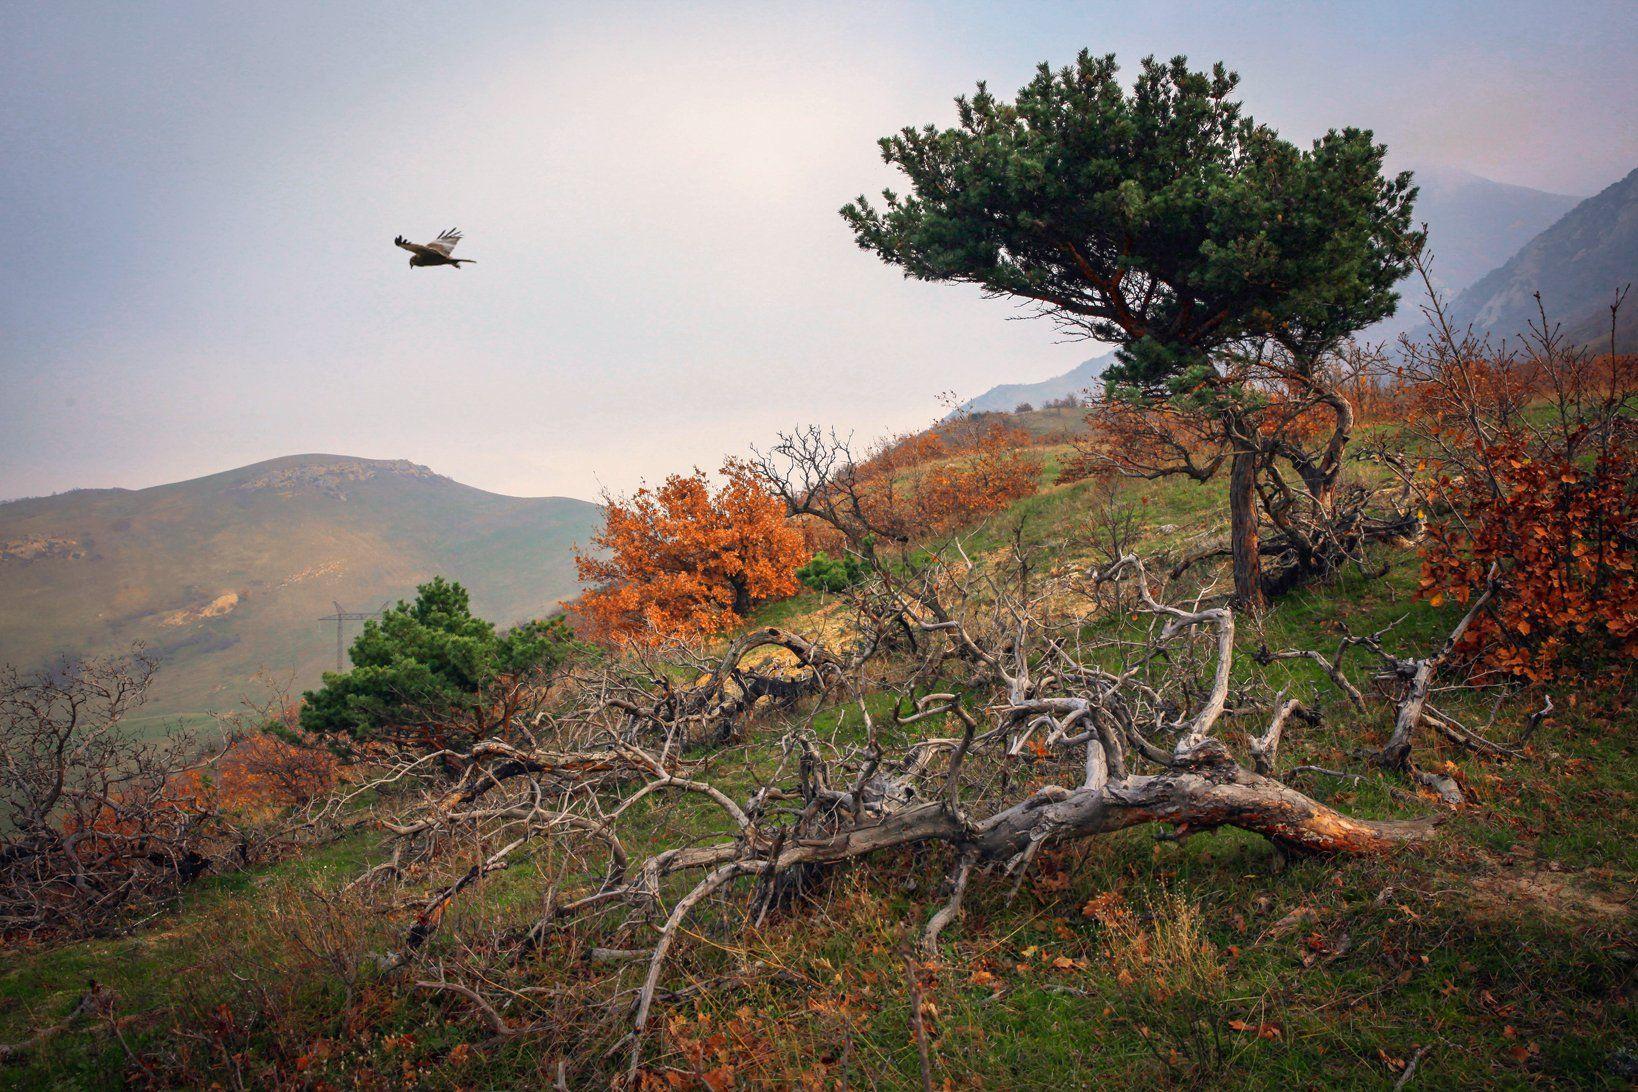 горы,птица,хищная птица,вершины,пейзаж,небо,деревья,дагестан,природа, Magov Marat